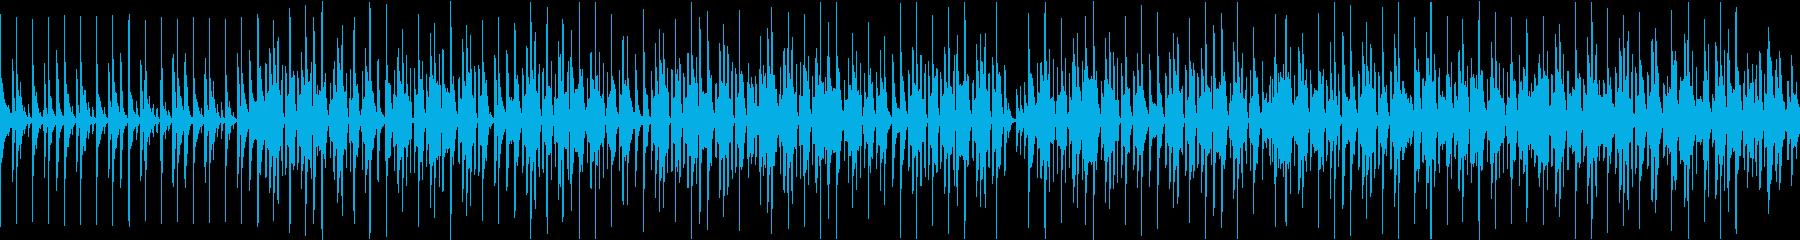 ラジオ・動画・番組等のナレーションBGMの再生済みの波形